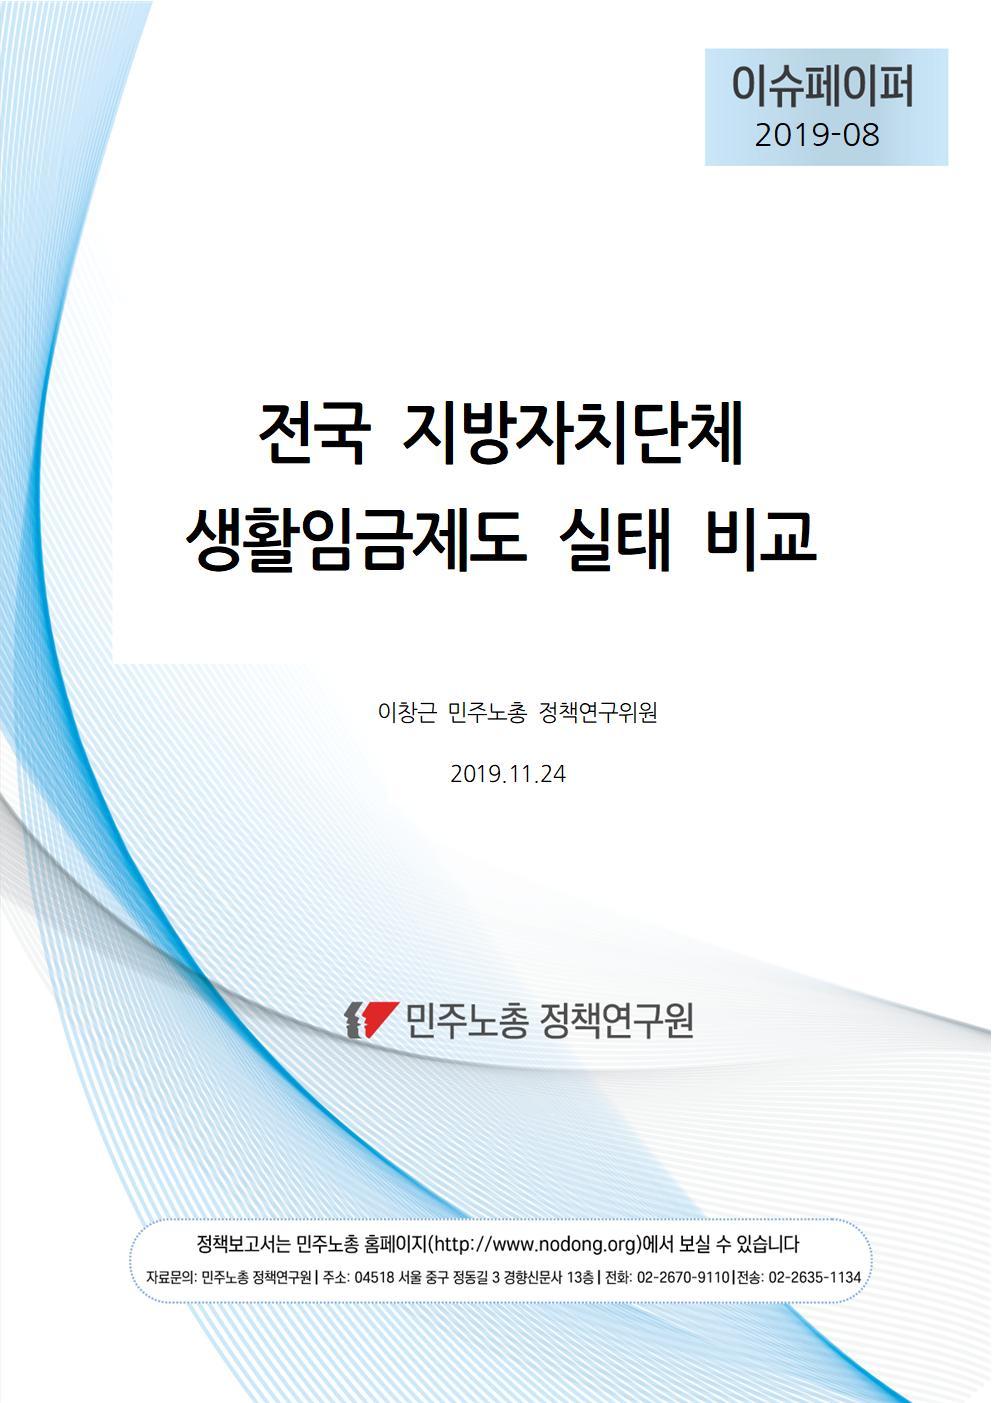 [정책연구원_이슈페이퍼_201908]_지자체생활임금실태비교(1124)001.jpg